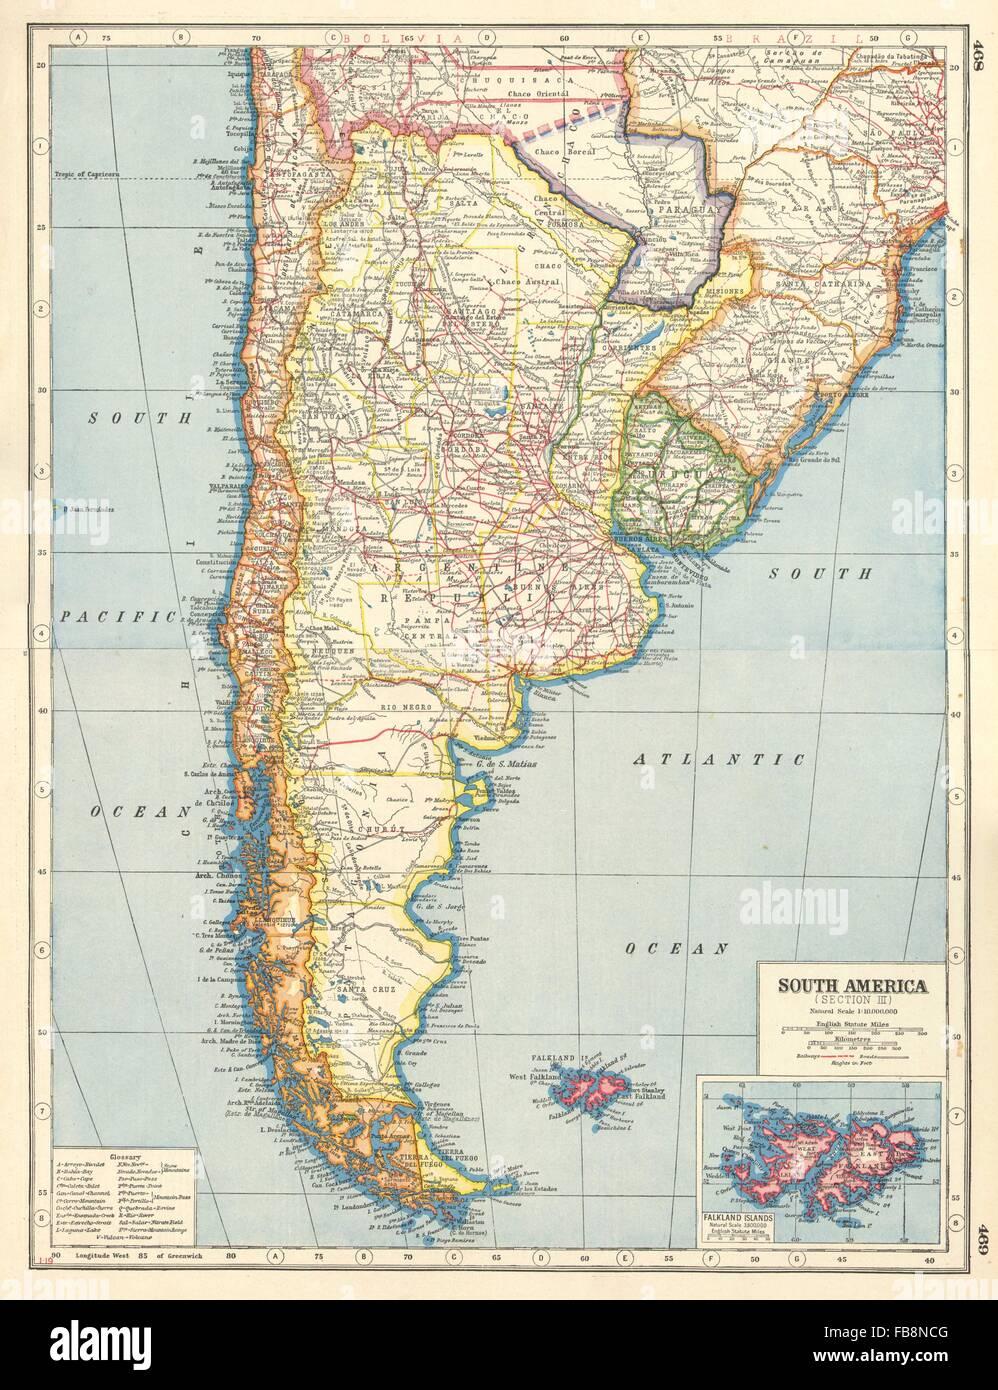 S AMERICA BoliviaParaguay Gran Chaco Border Dispute Chile Stock - South america map gran chaco